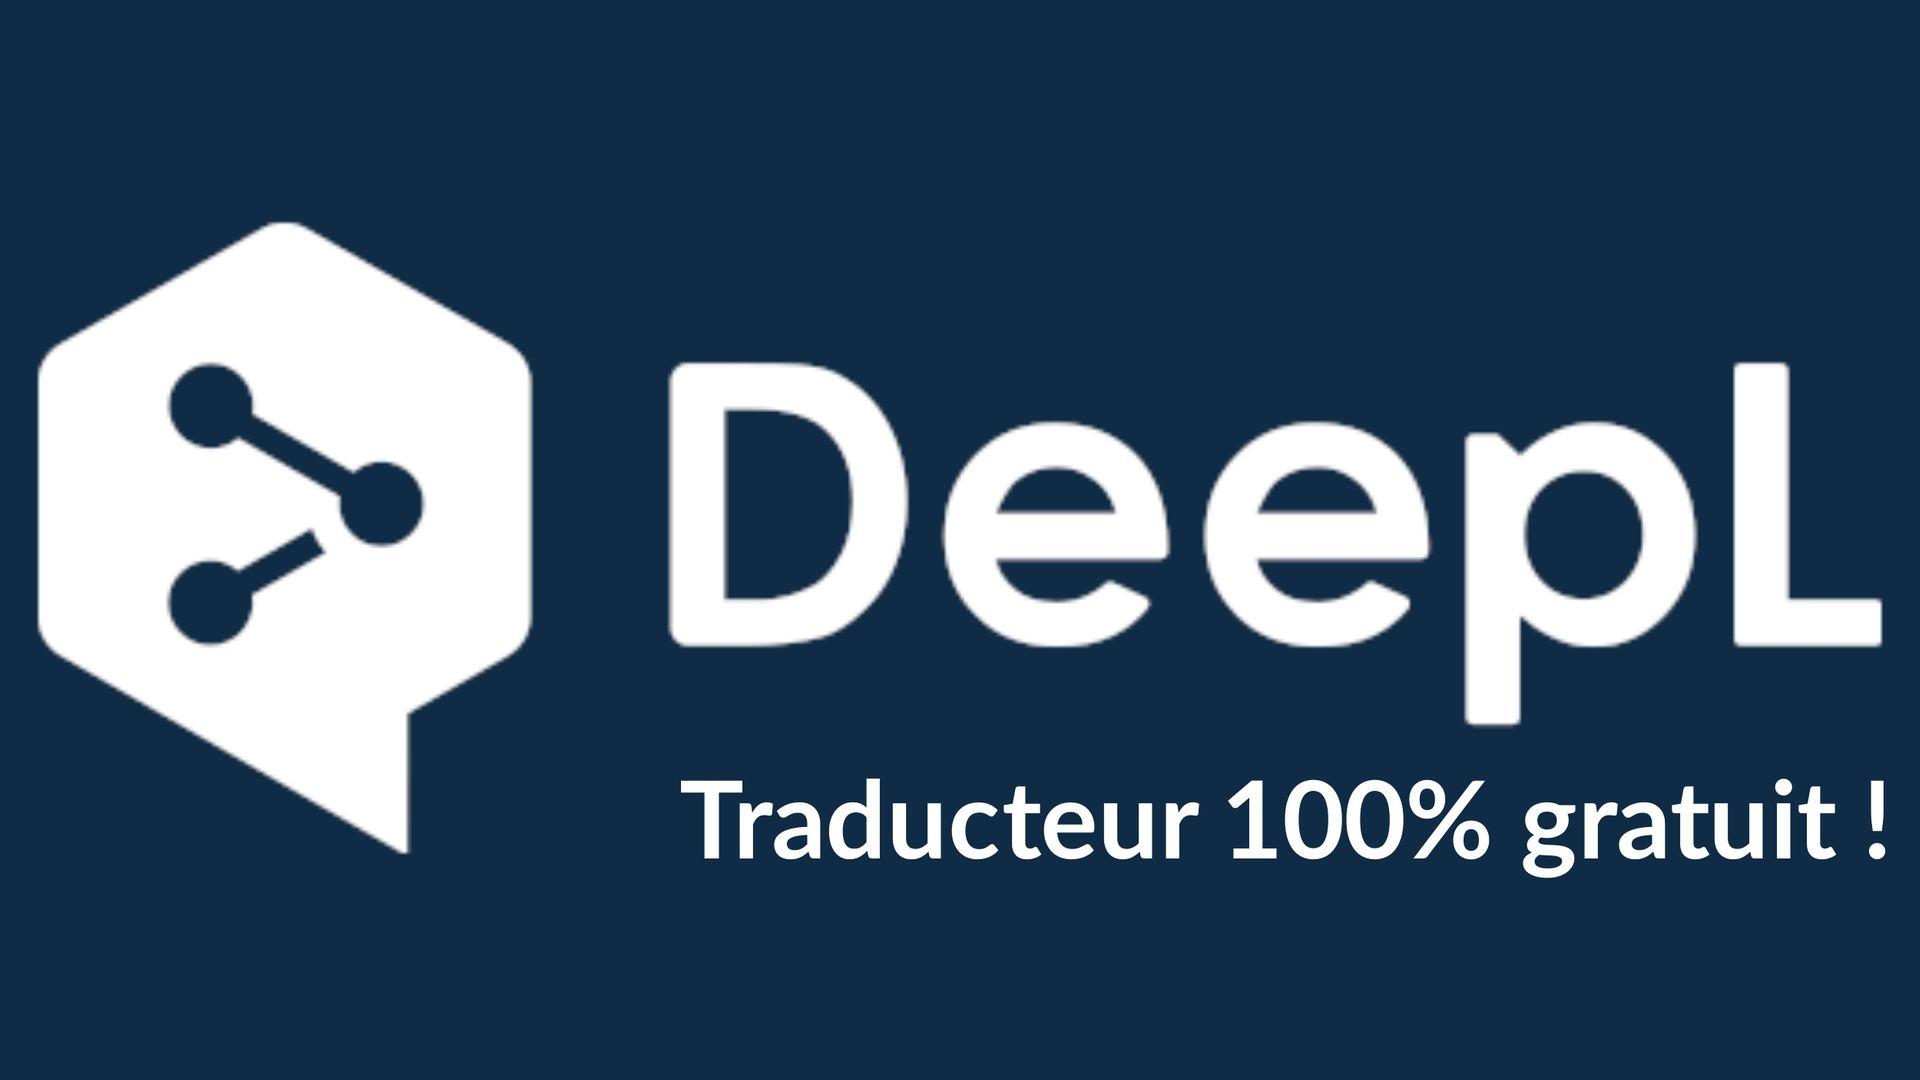 Intellifox - Utilisez DeepL Gratuitement pour vos échanges fournisseur - Amazon FBA